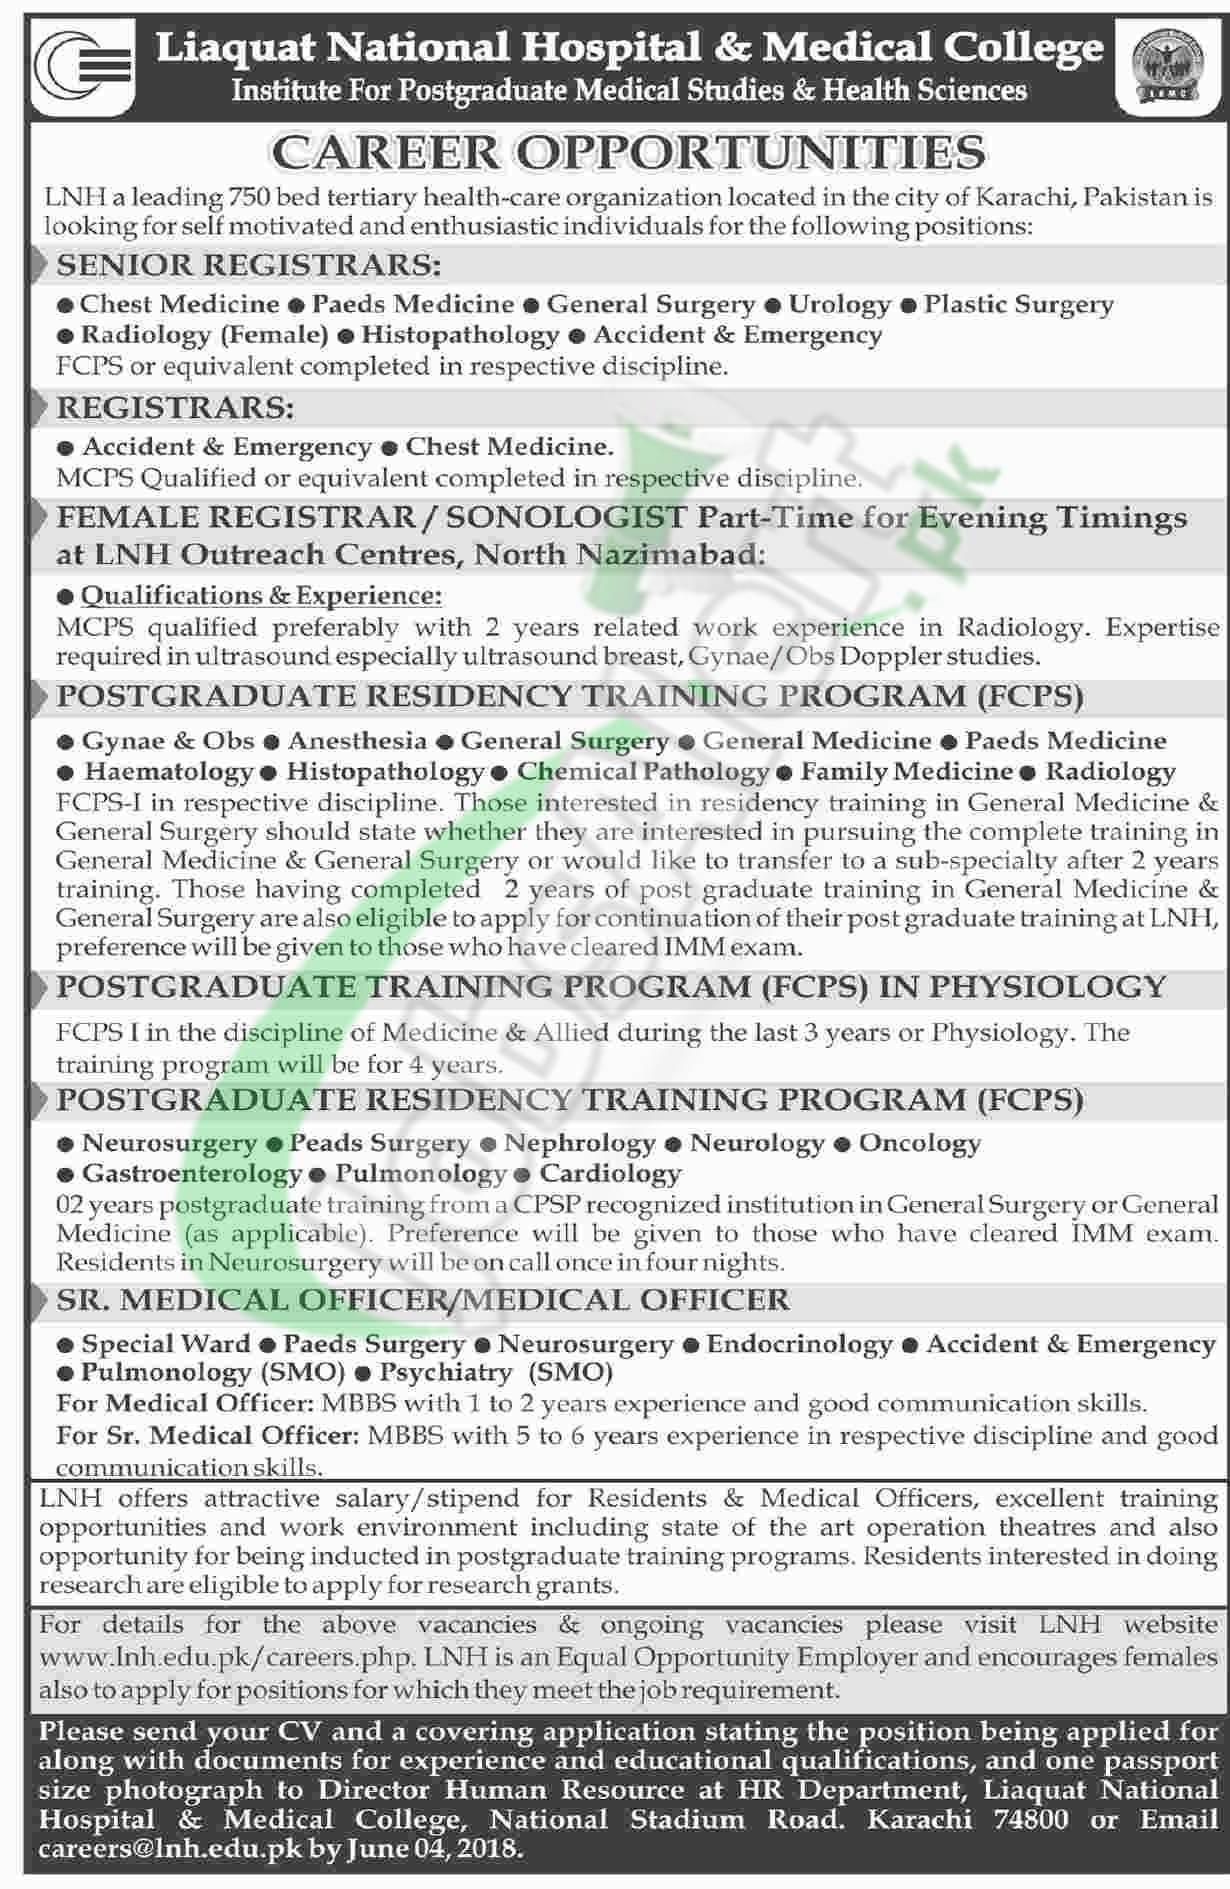 Liaquat National Hospital Jobs 2018 Karachi